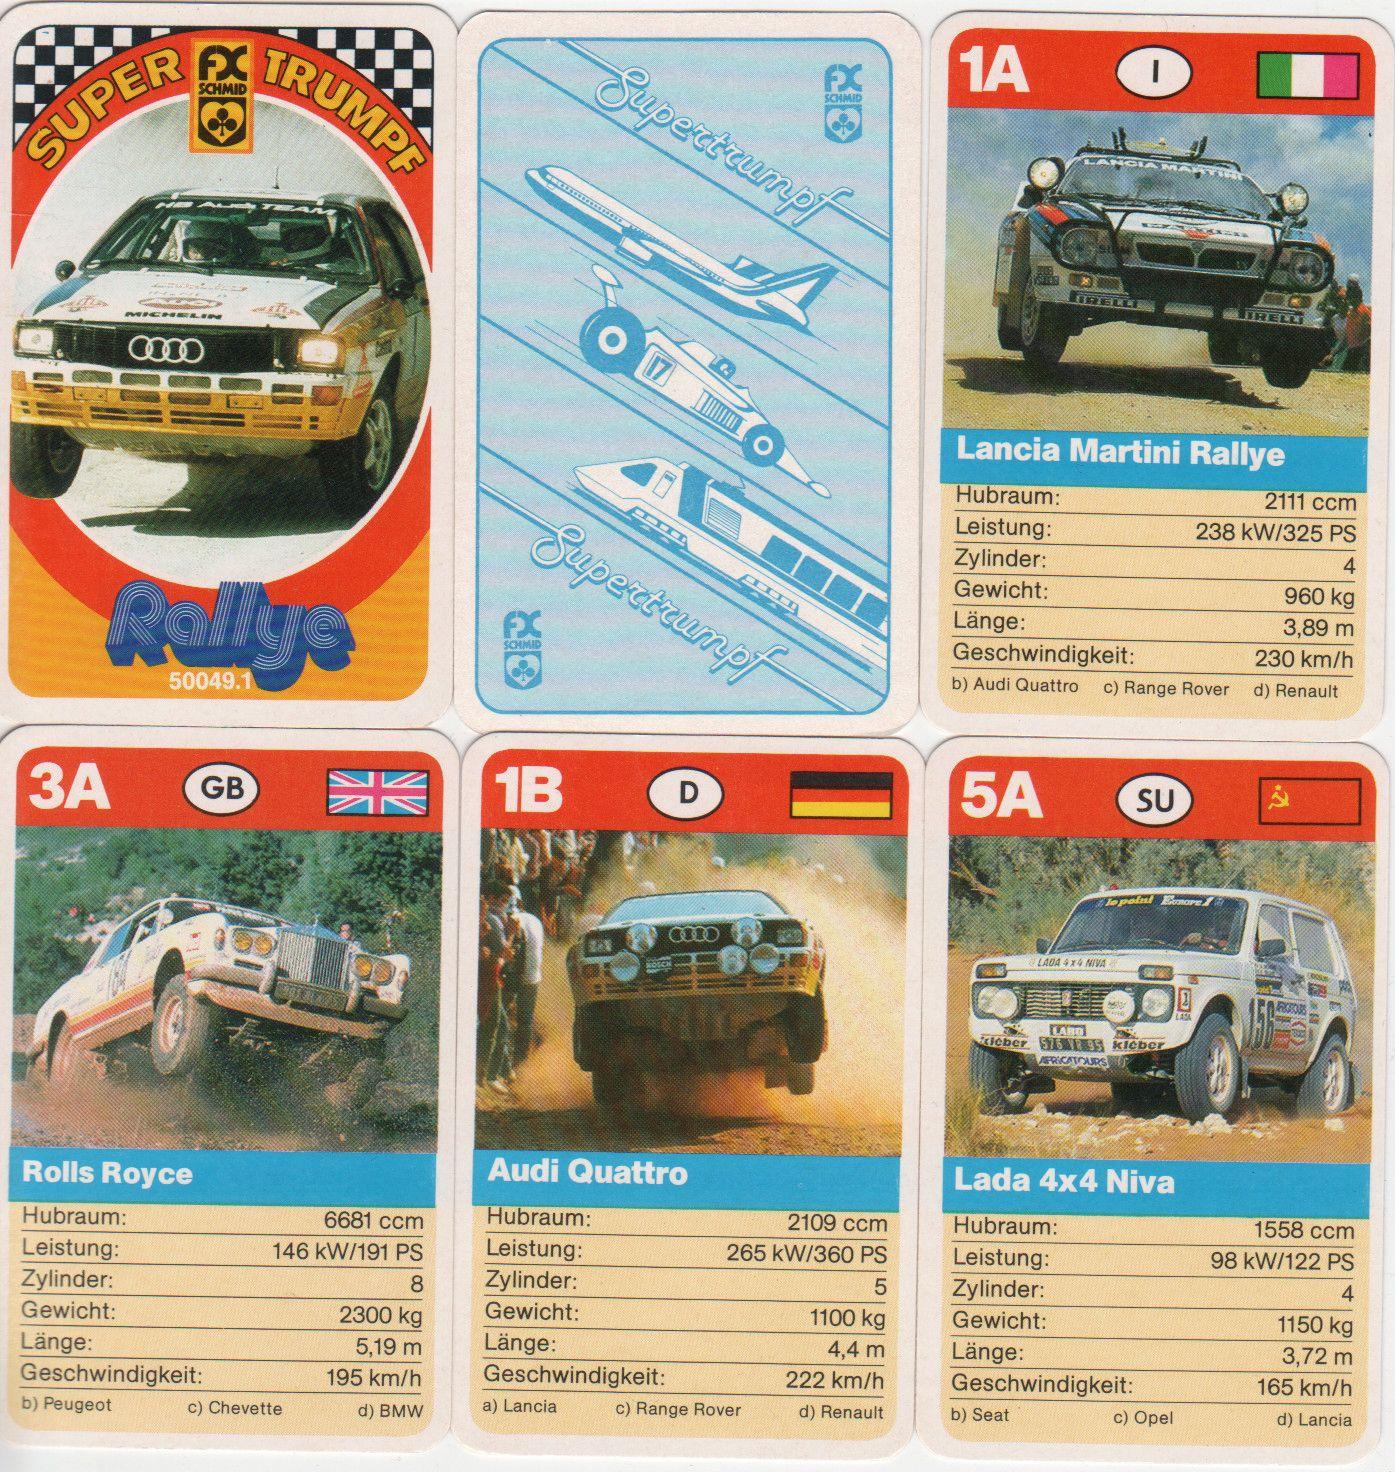 fx-50049-1_Rallye_Audi-Quattro_Quartett